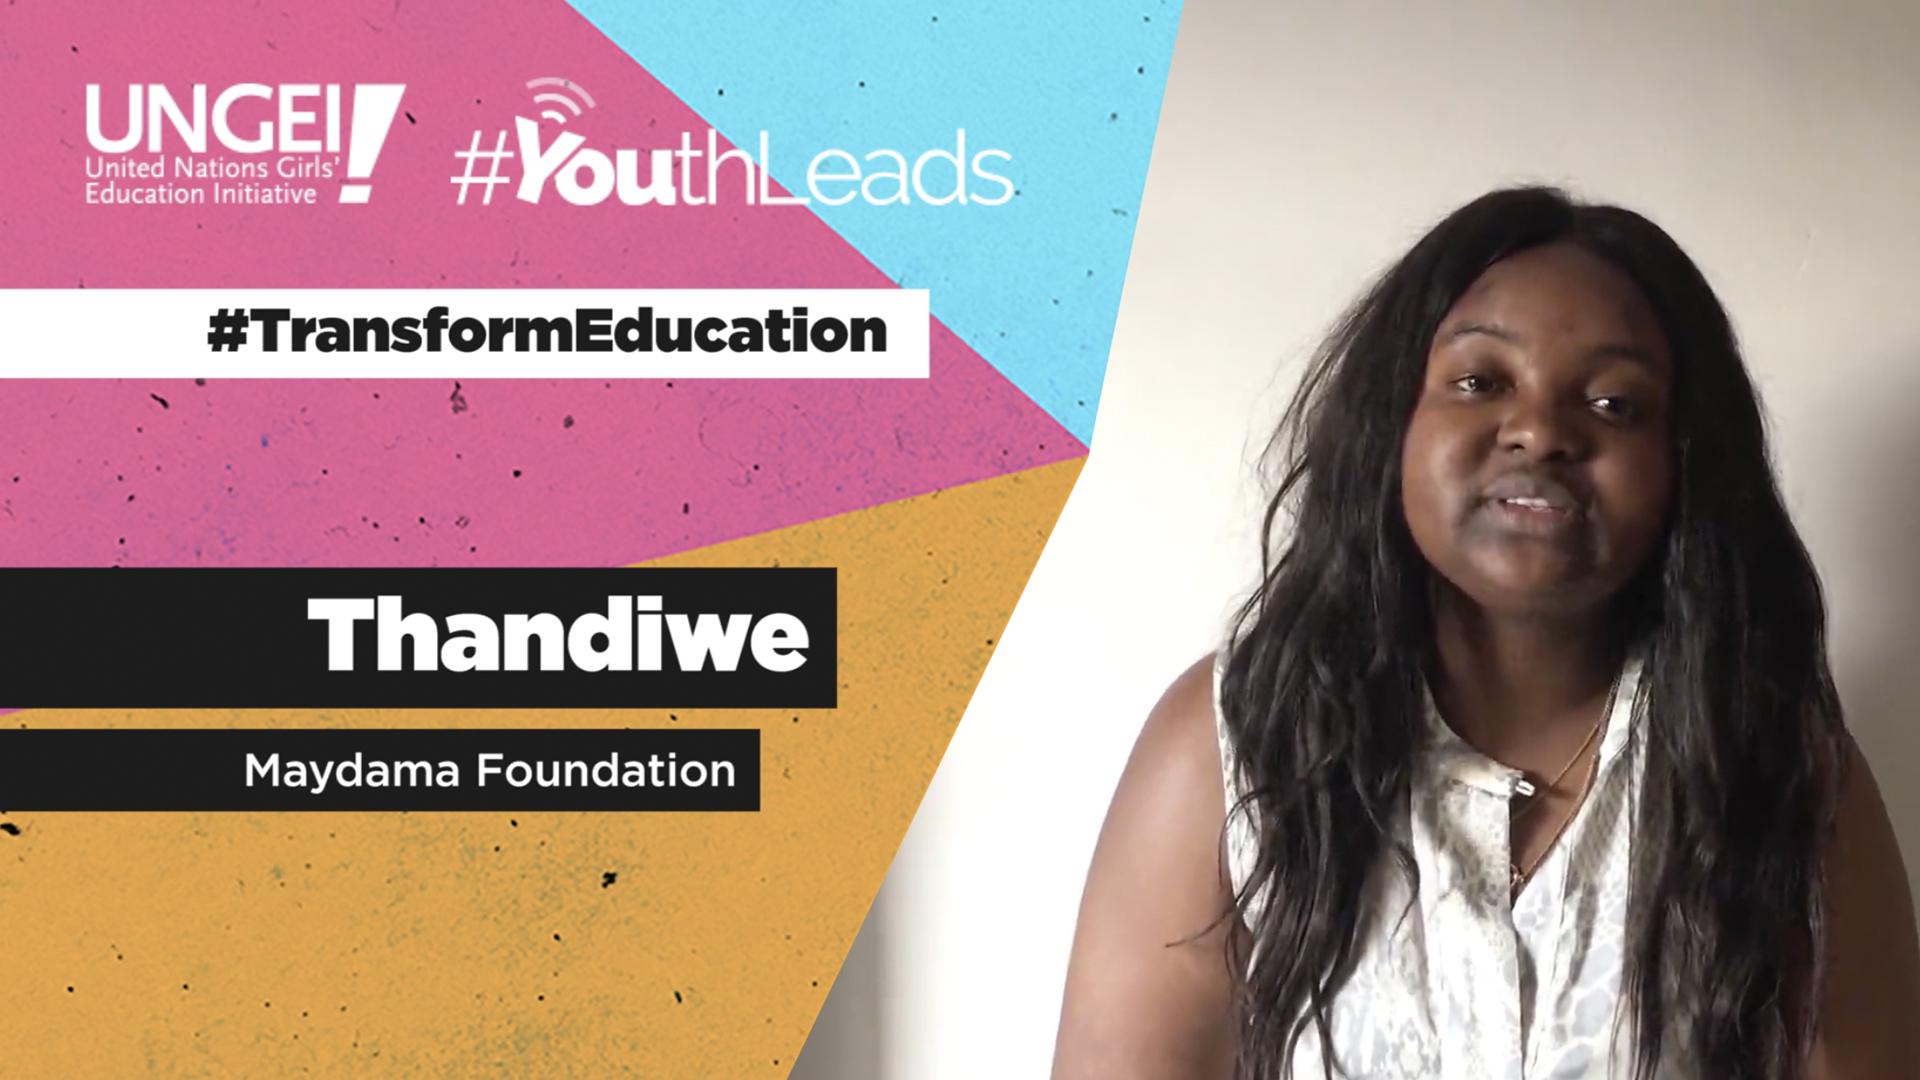 Thandiwe, Maydama Foundation, Zambia